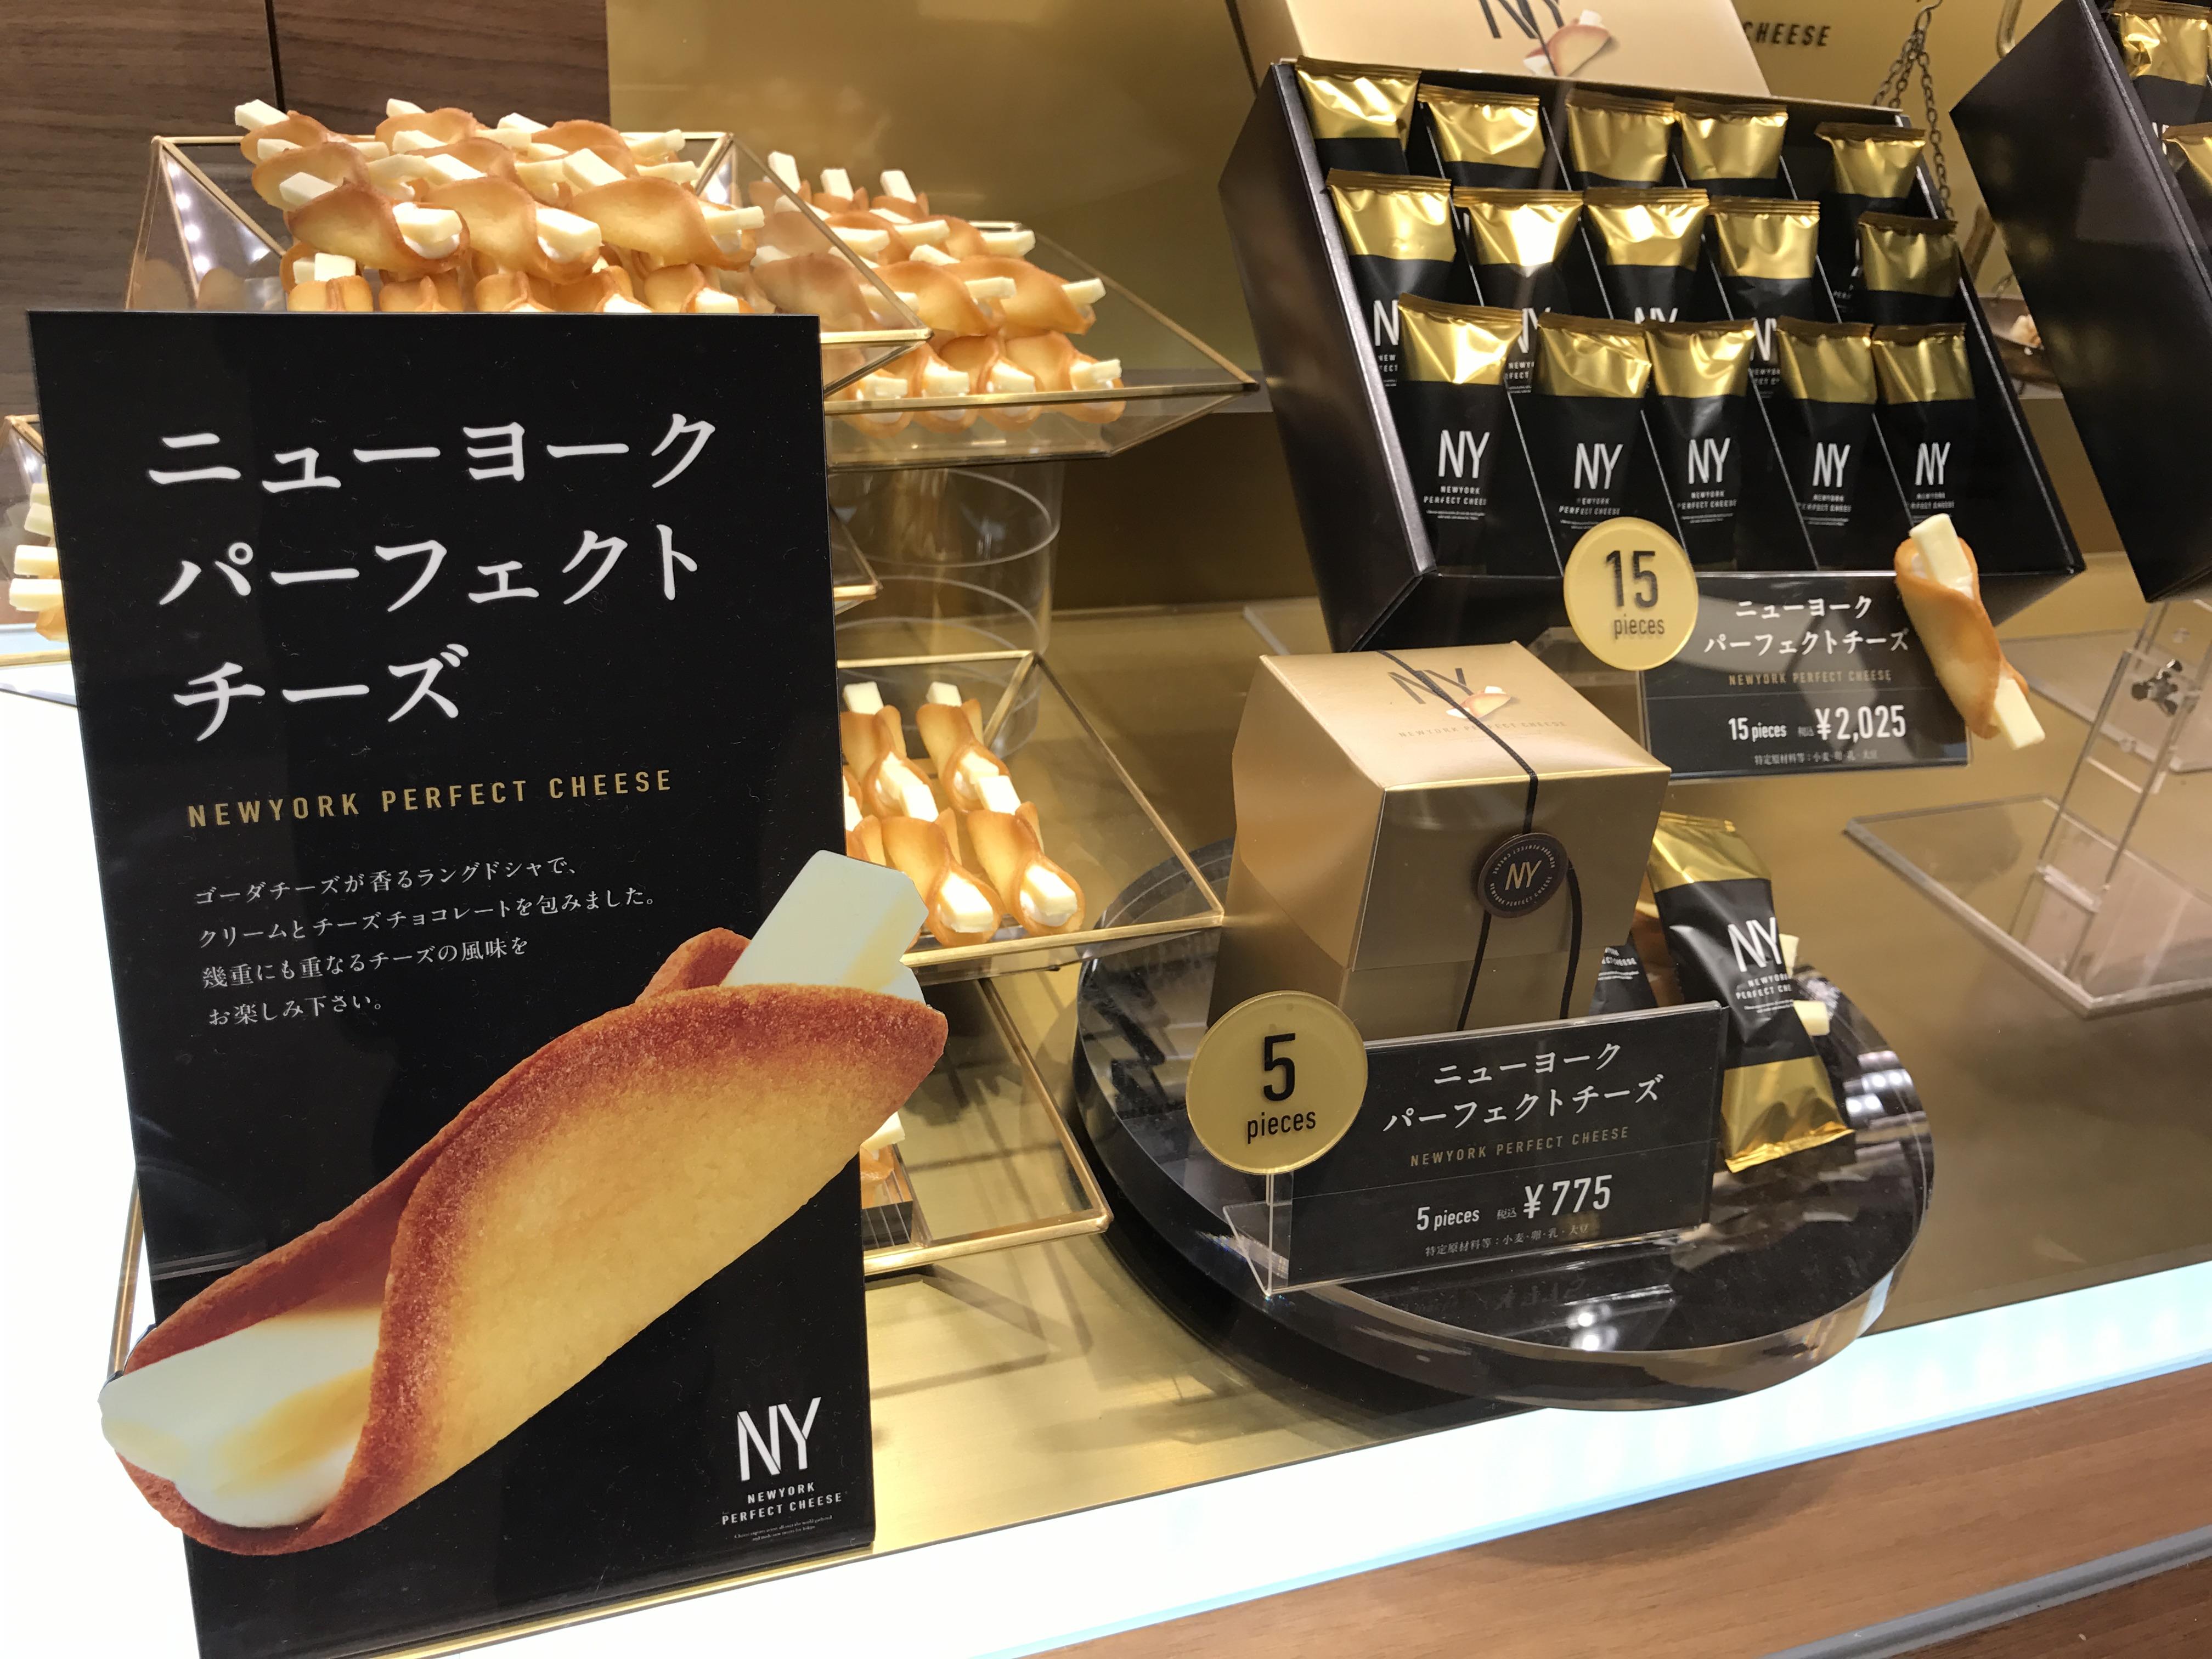 東京都内で美味しいラクレットチーズが食べられる …